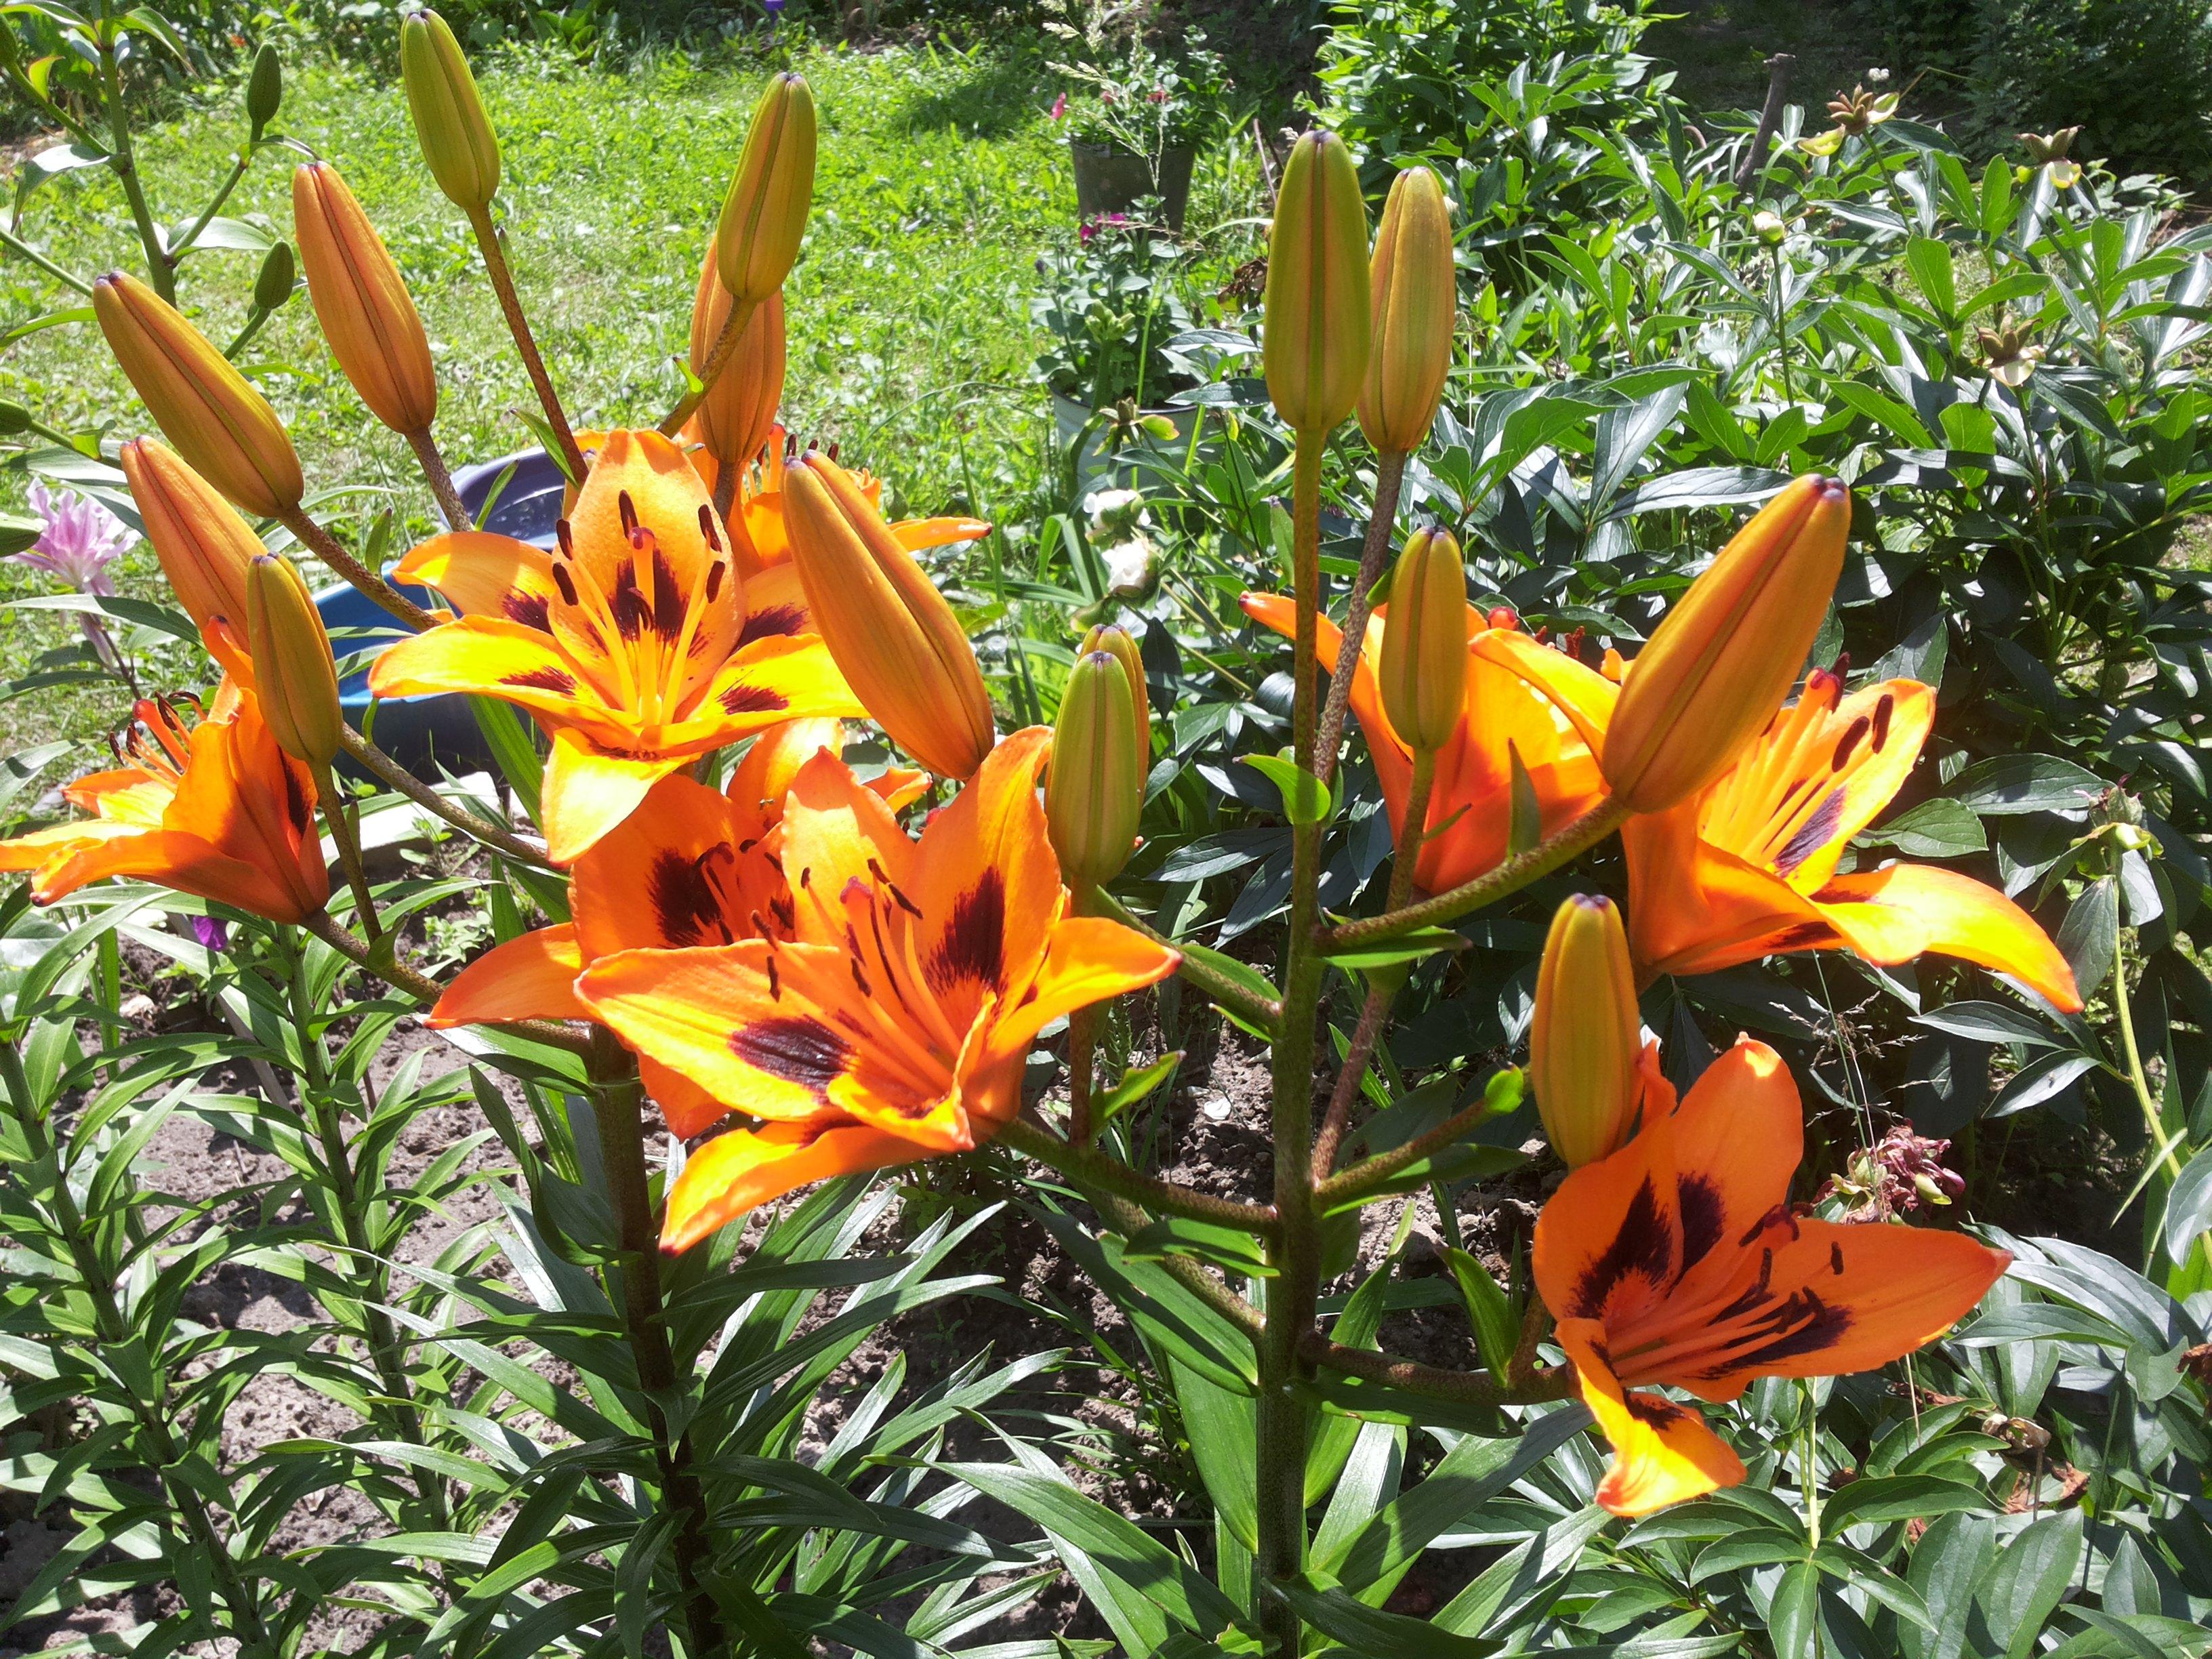 неоднозначные кустовая лилия оранжевая королевская фото опубликовать